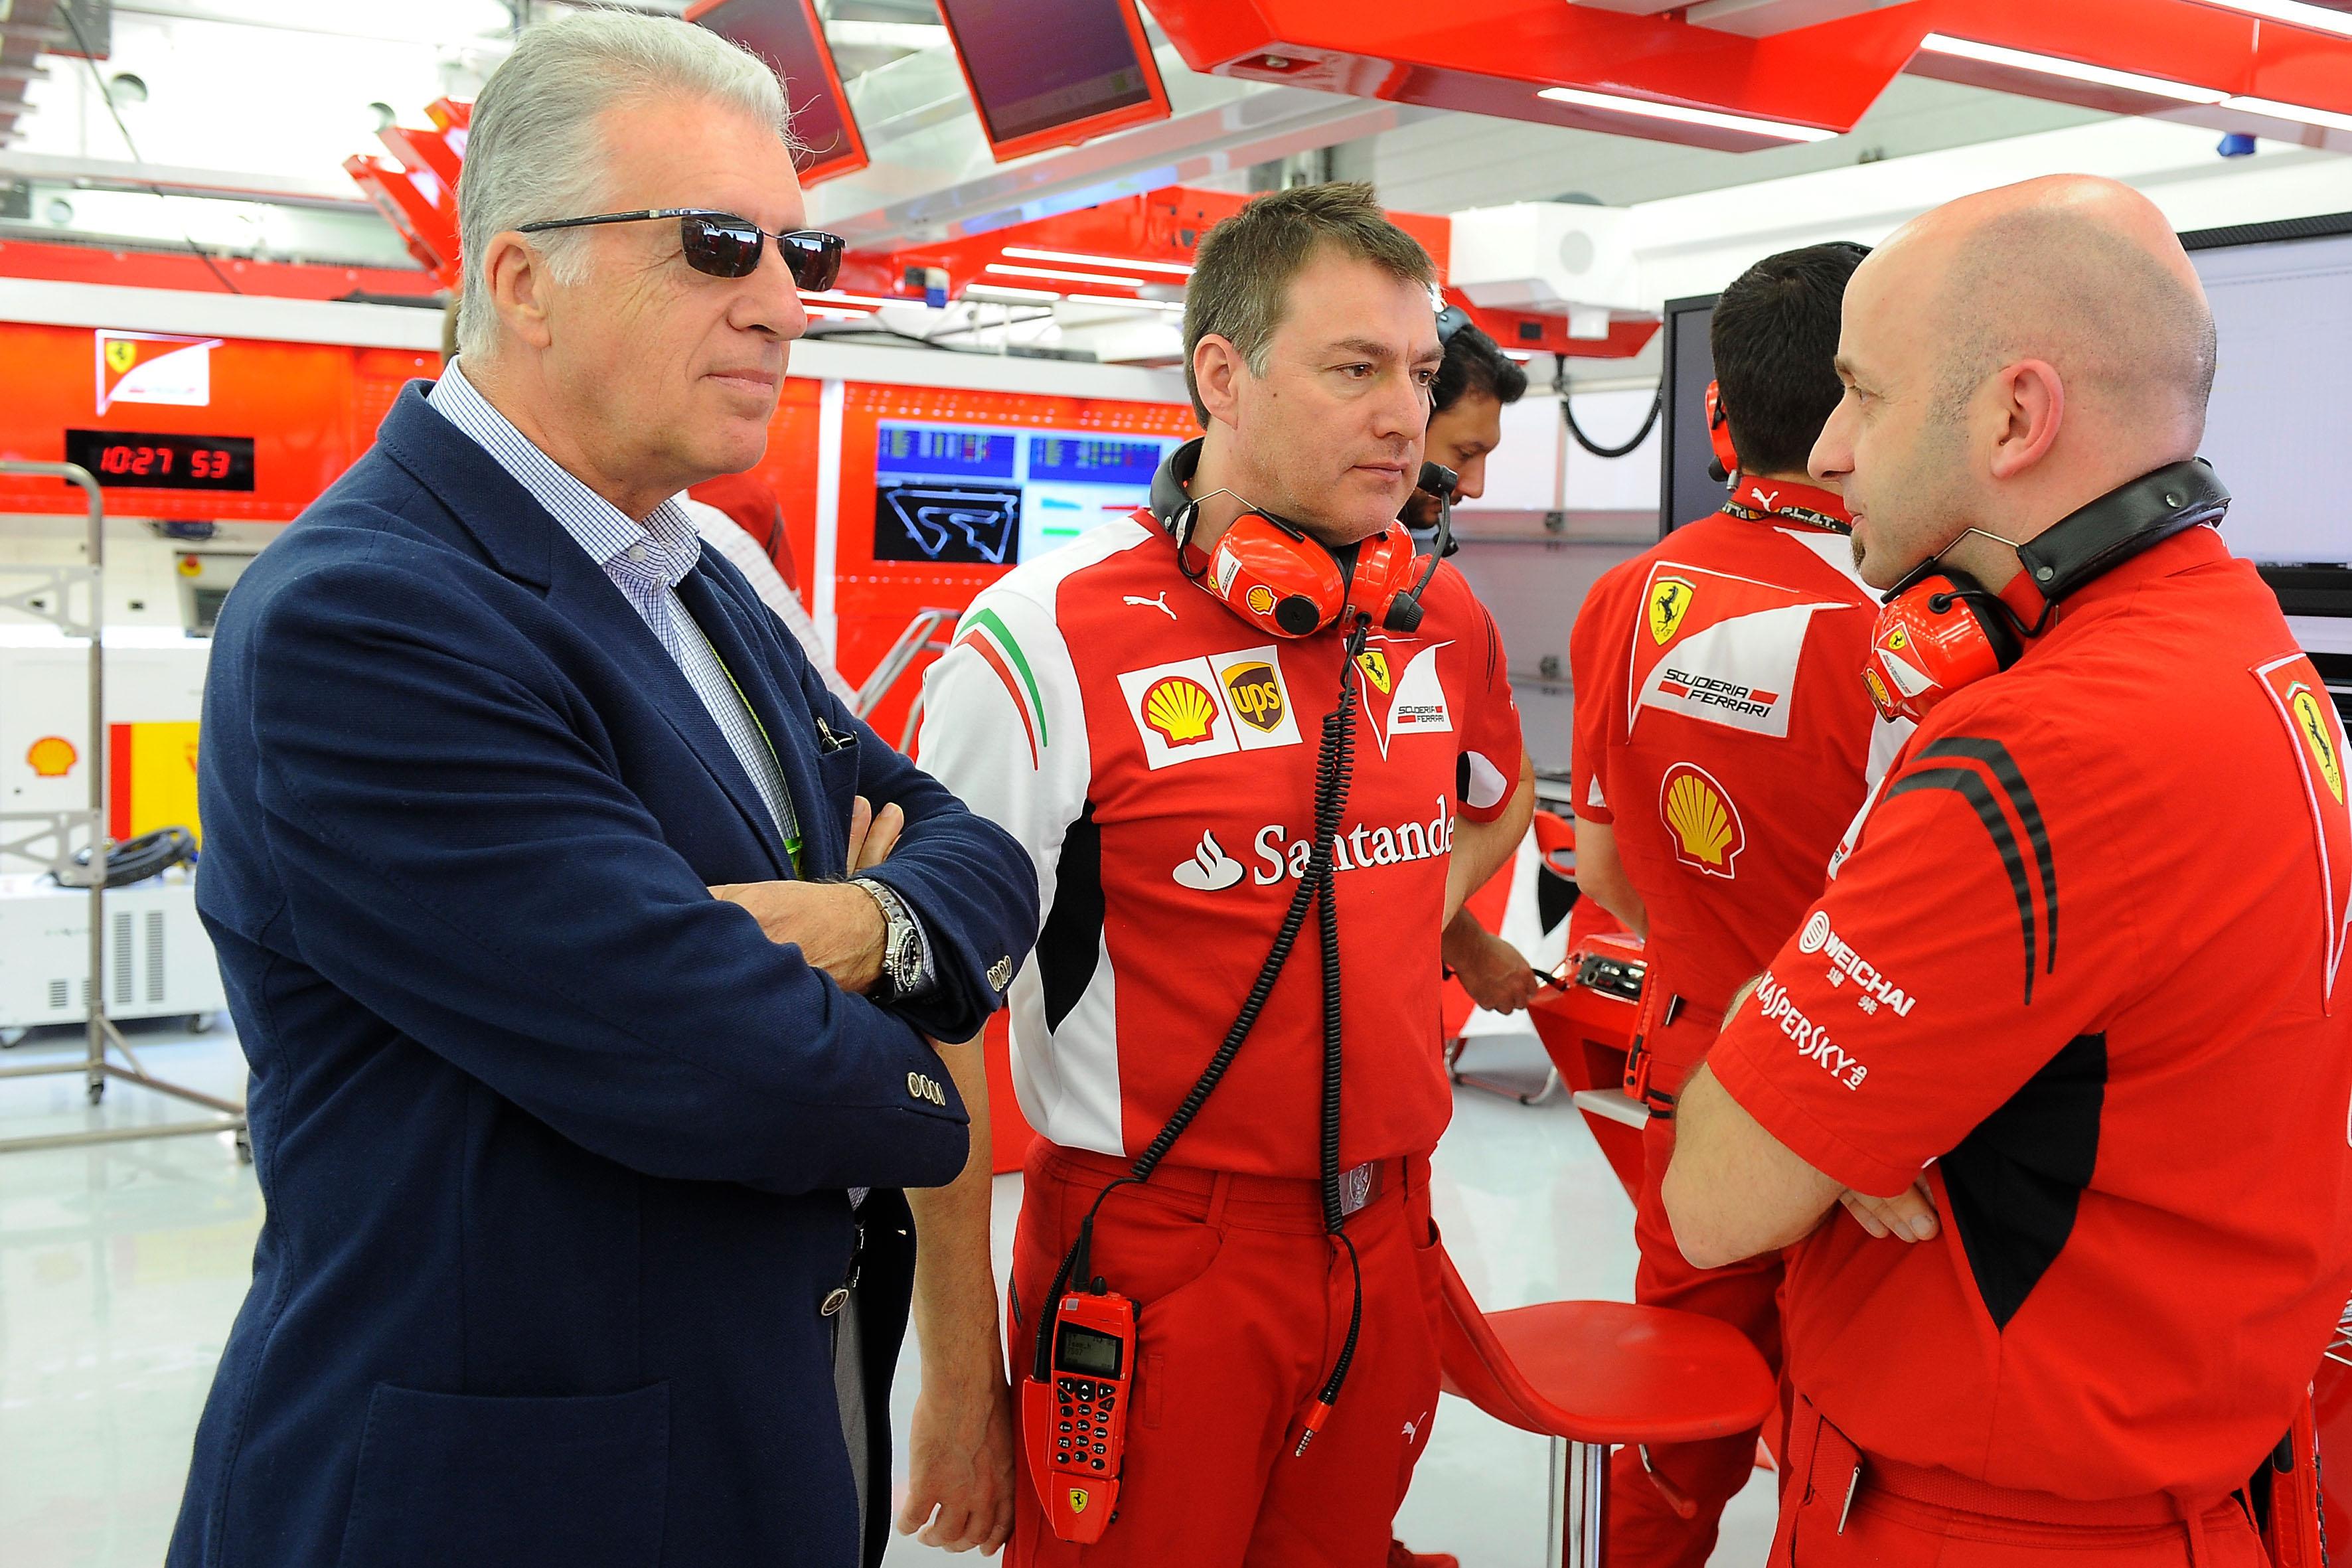 """Piero Ferrari: """"Mio padre avrebbe apprezzato questo spirito"""""""